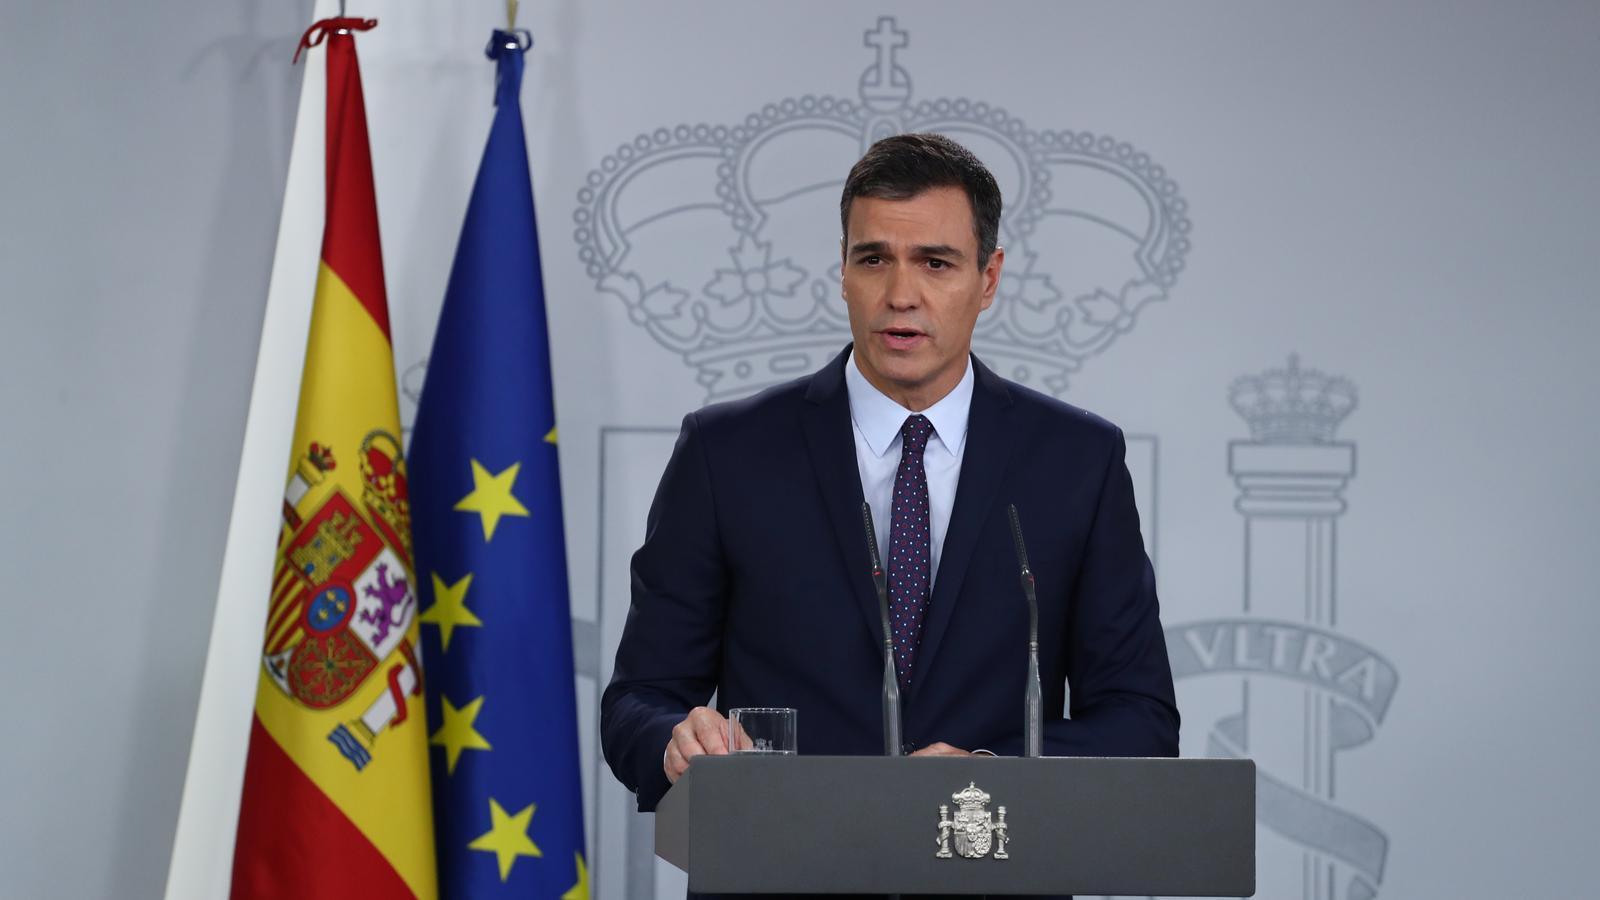 EN DIRECTE | Pedro Sánchez presideix la firma de l'acord pels ERTO